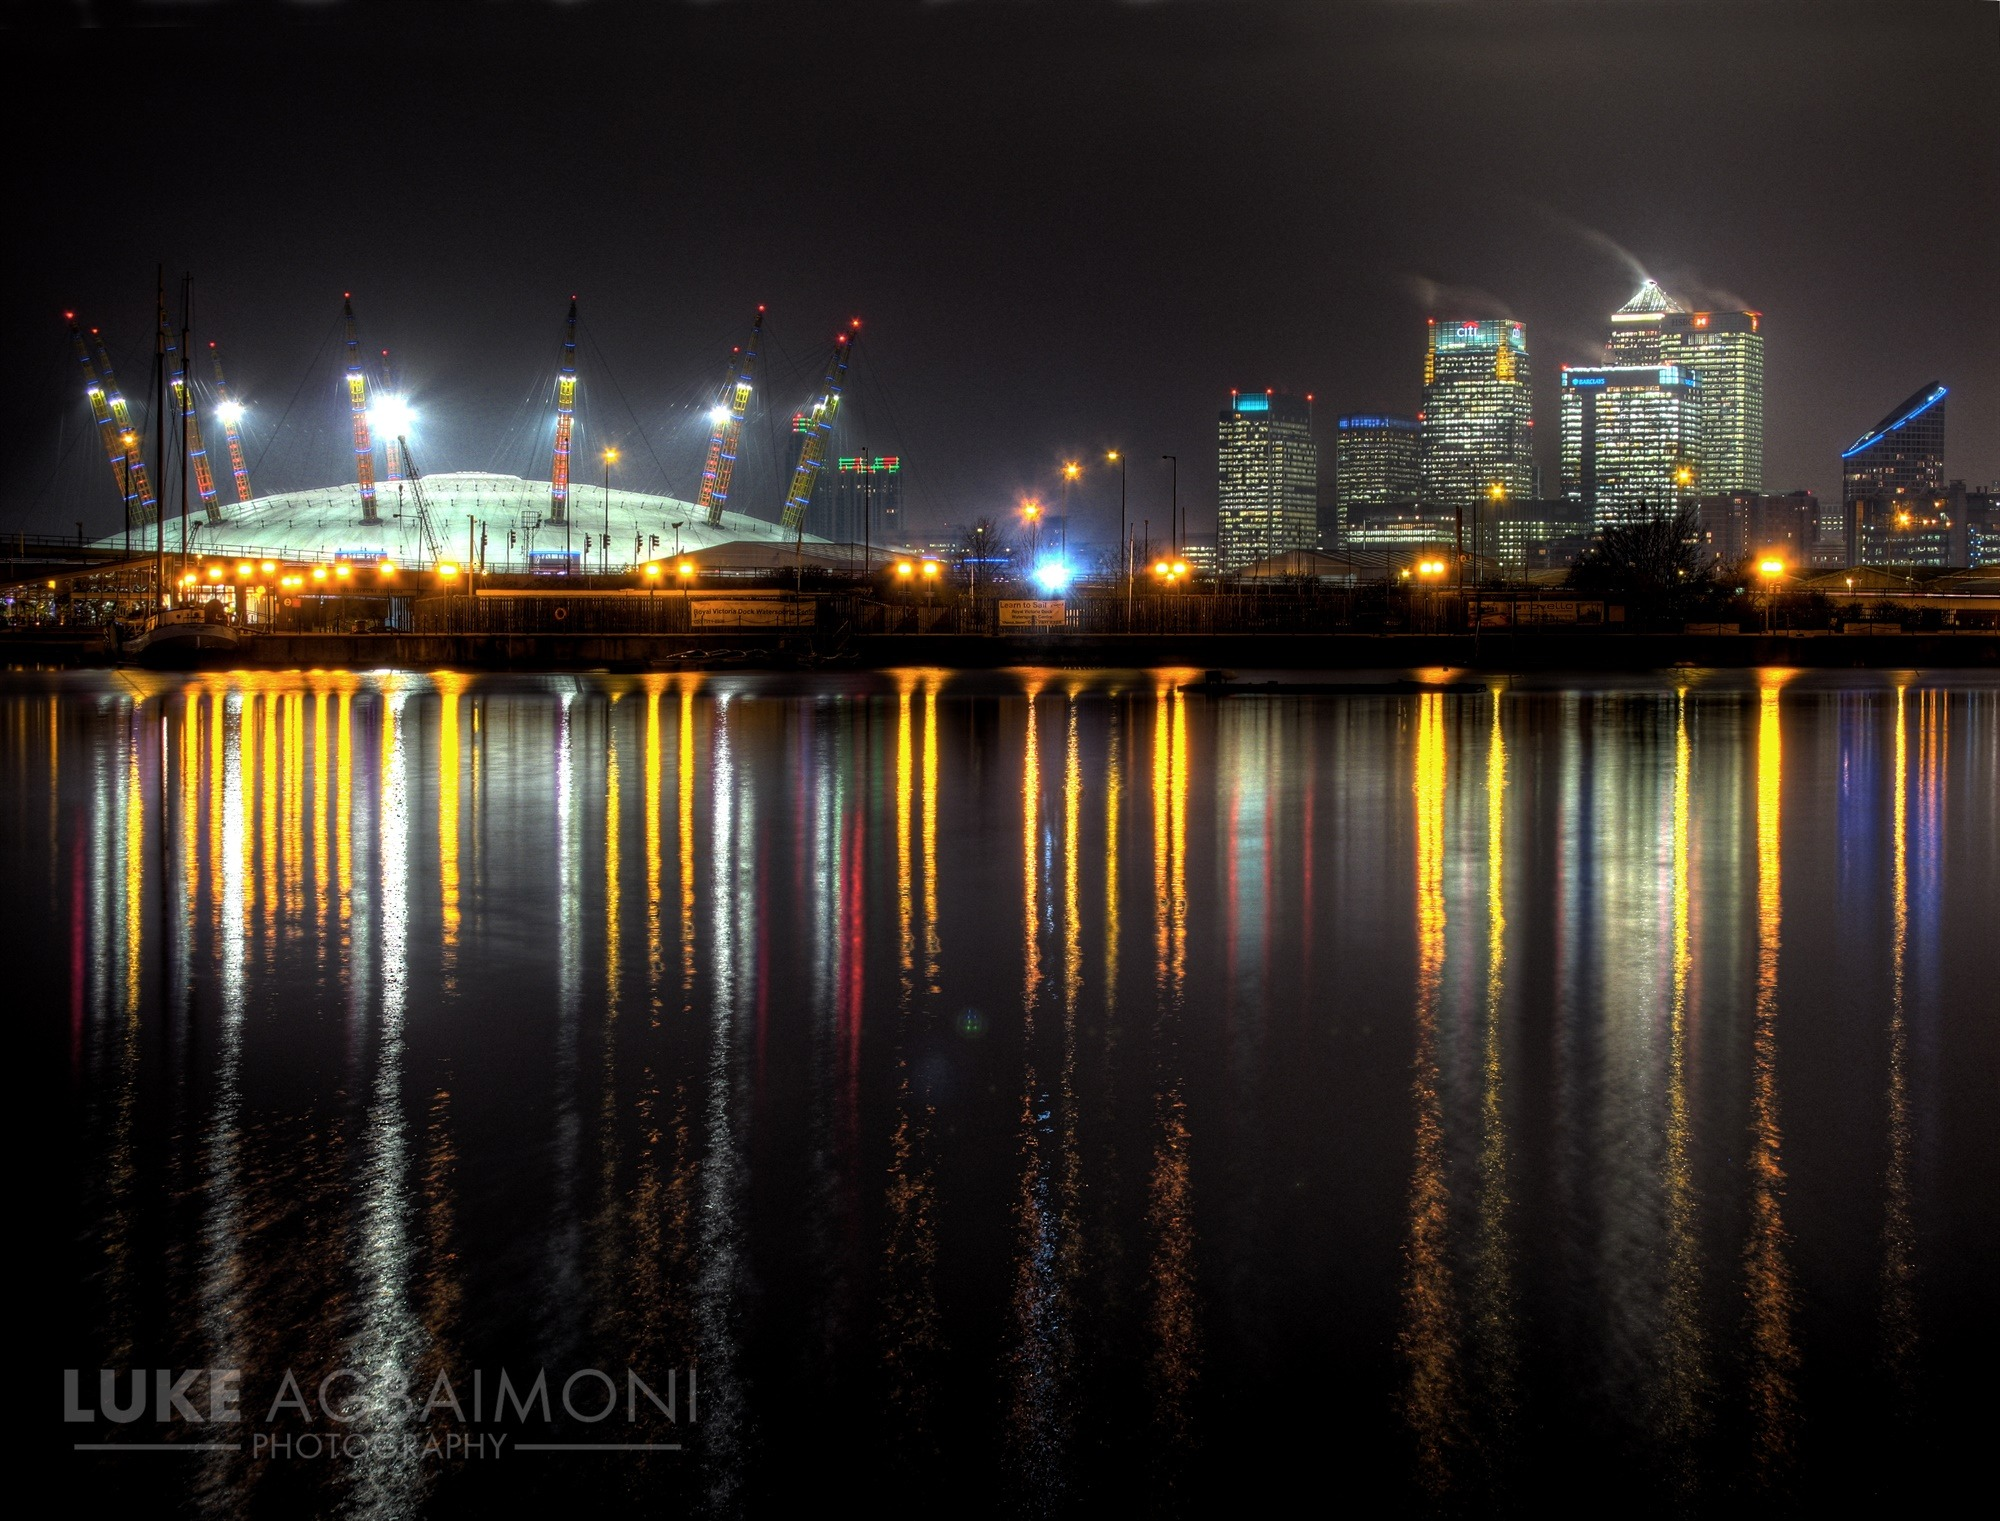 London Docklands